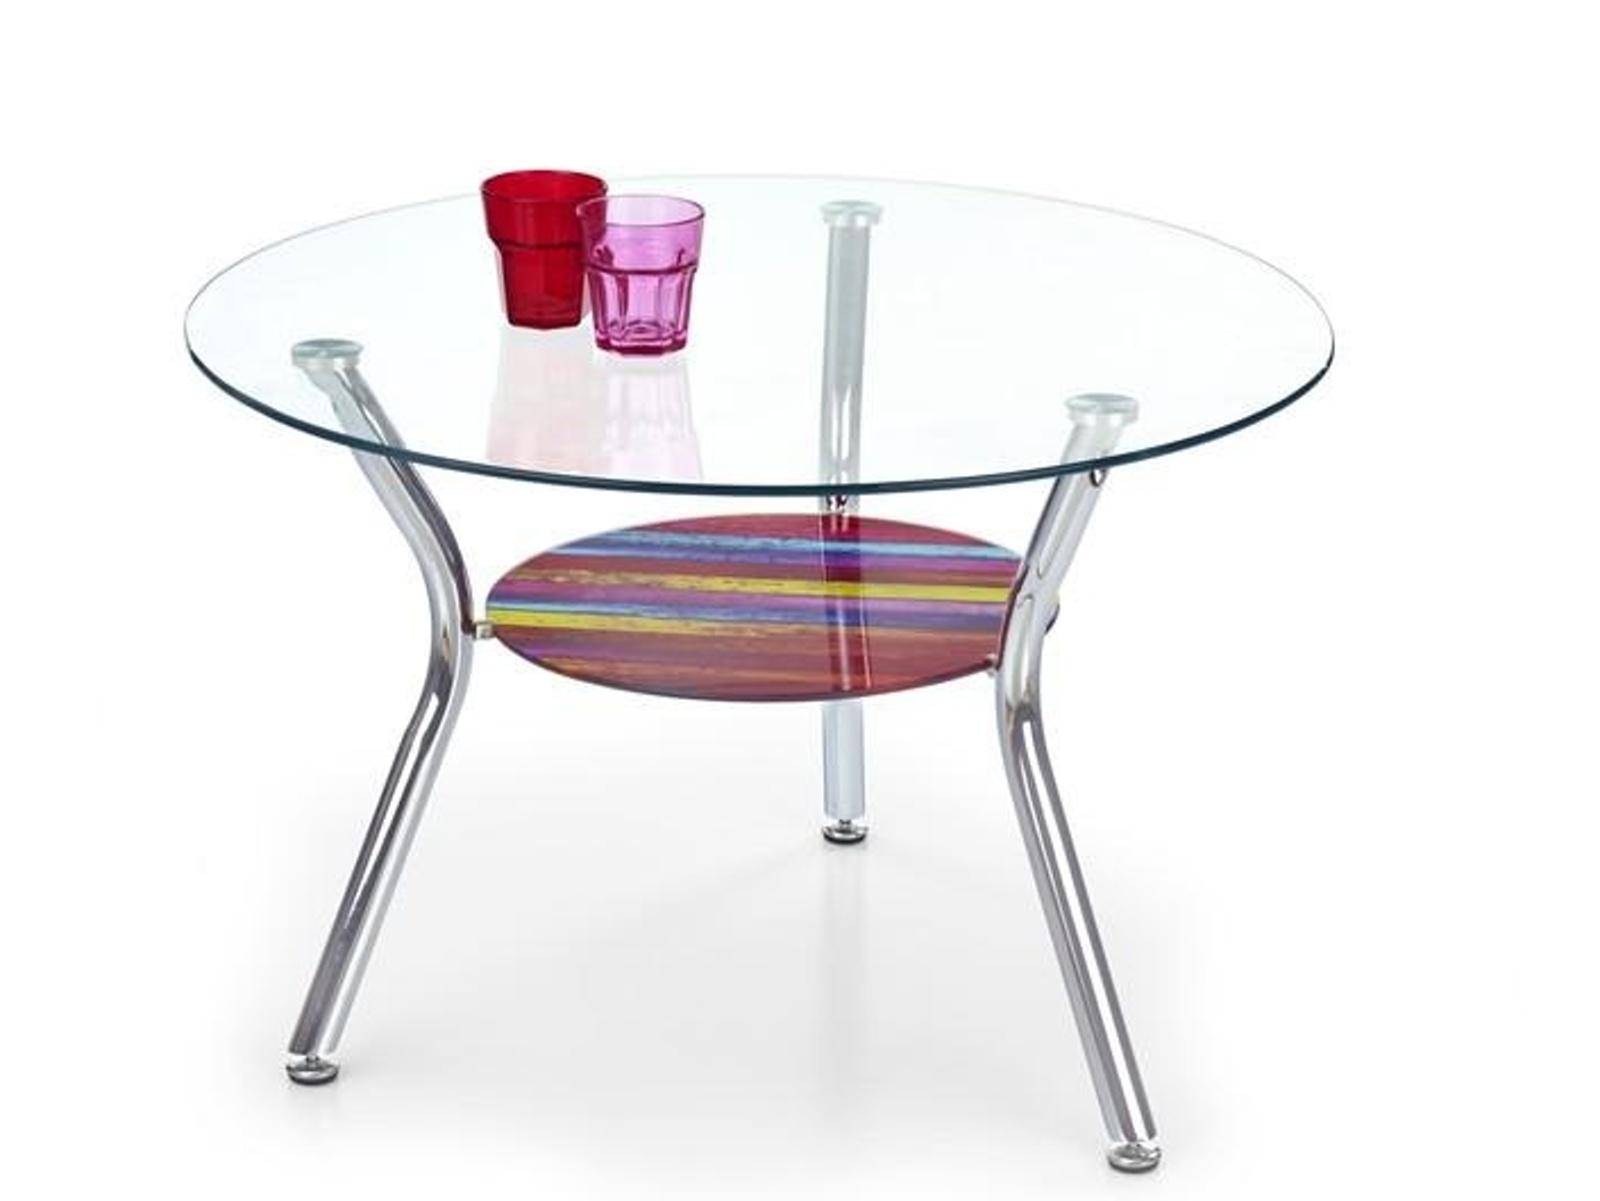 Halmar Konferenční stolek BECKY, kov/barevné sklo